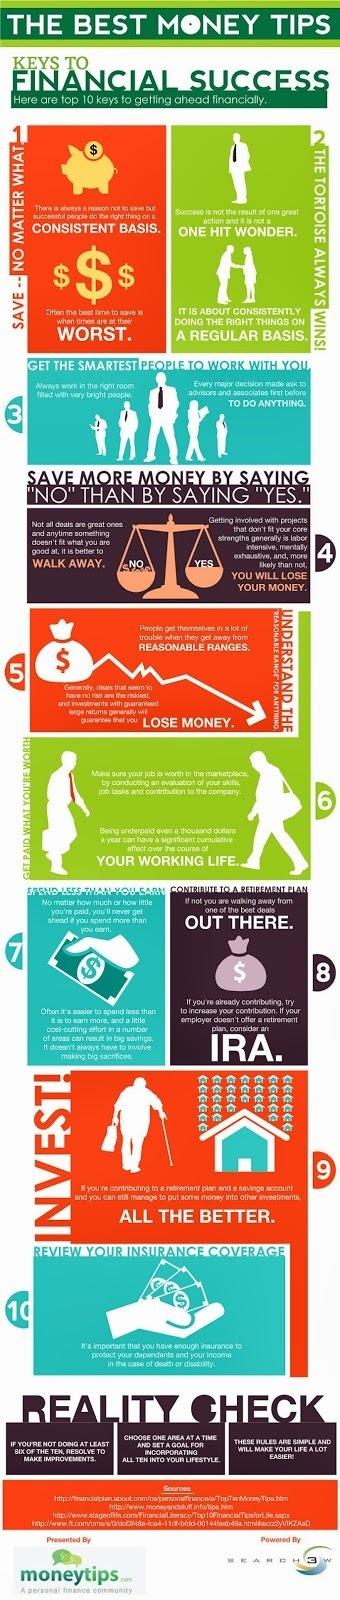 The Best Money Tips | moneytips | Scoop.it